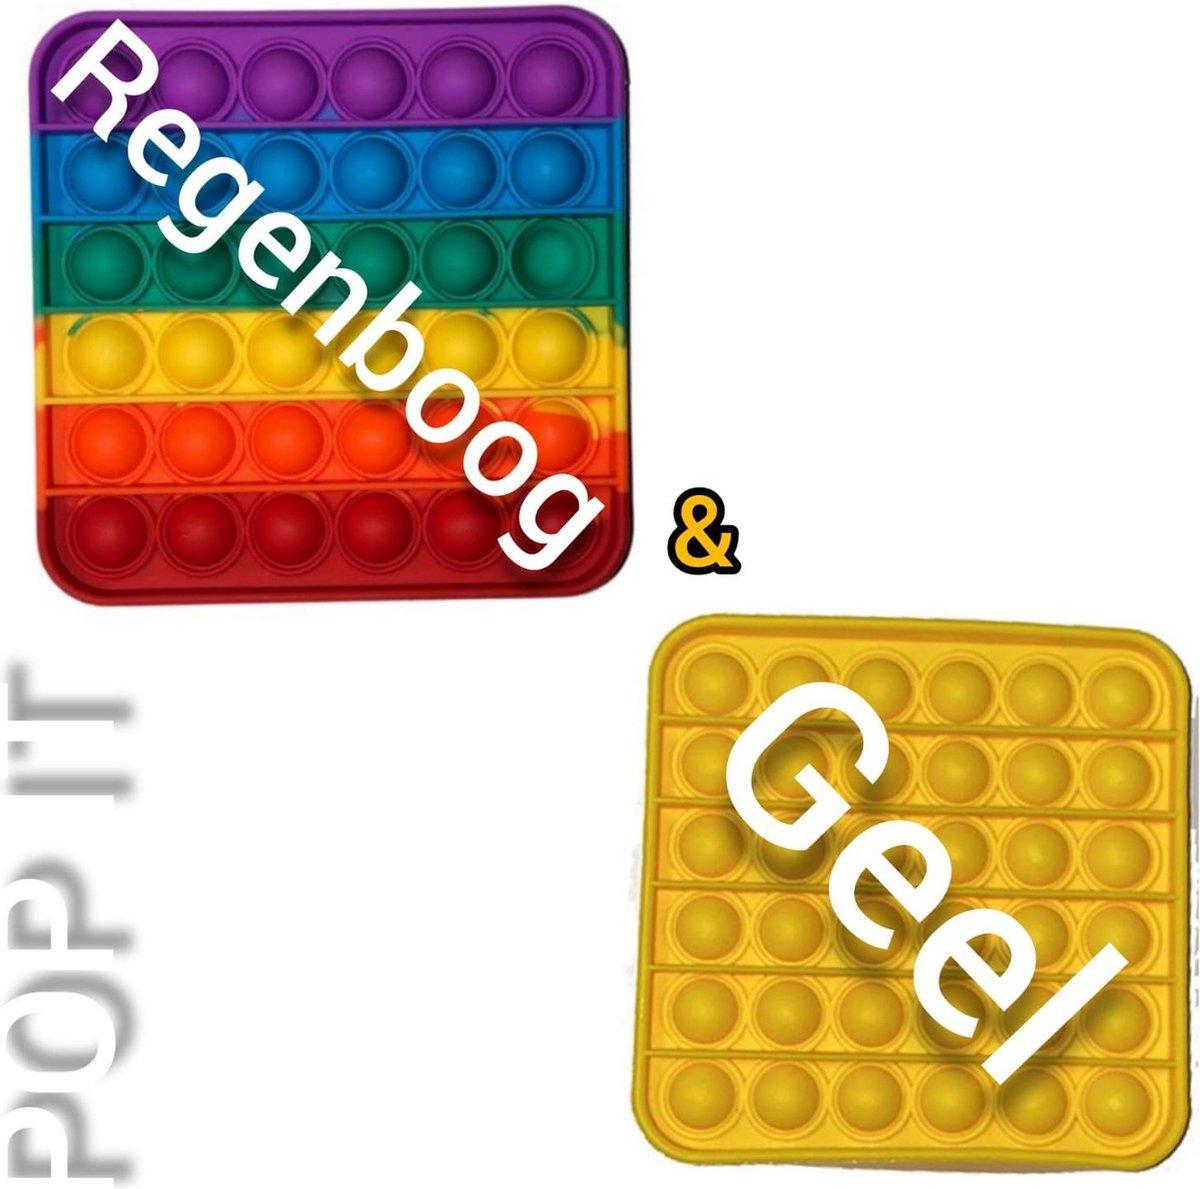 Pop it | Fidget toys pakket | Regenboog vierkant + Vierkant geel | Meisjes jongens volwassenen| Anti stress 2021| Cadeautip _ Leuk voor zwembad